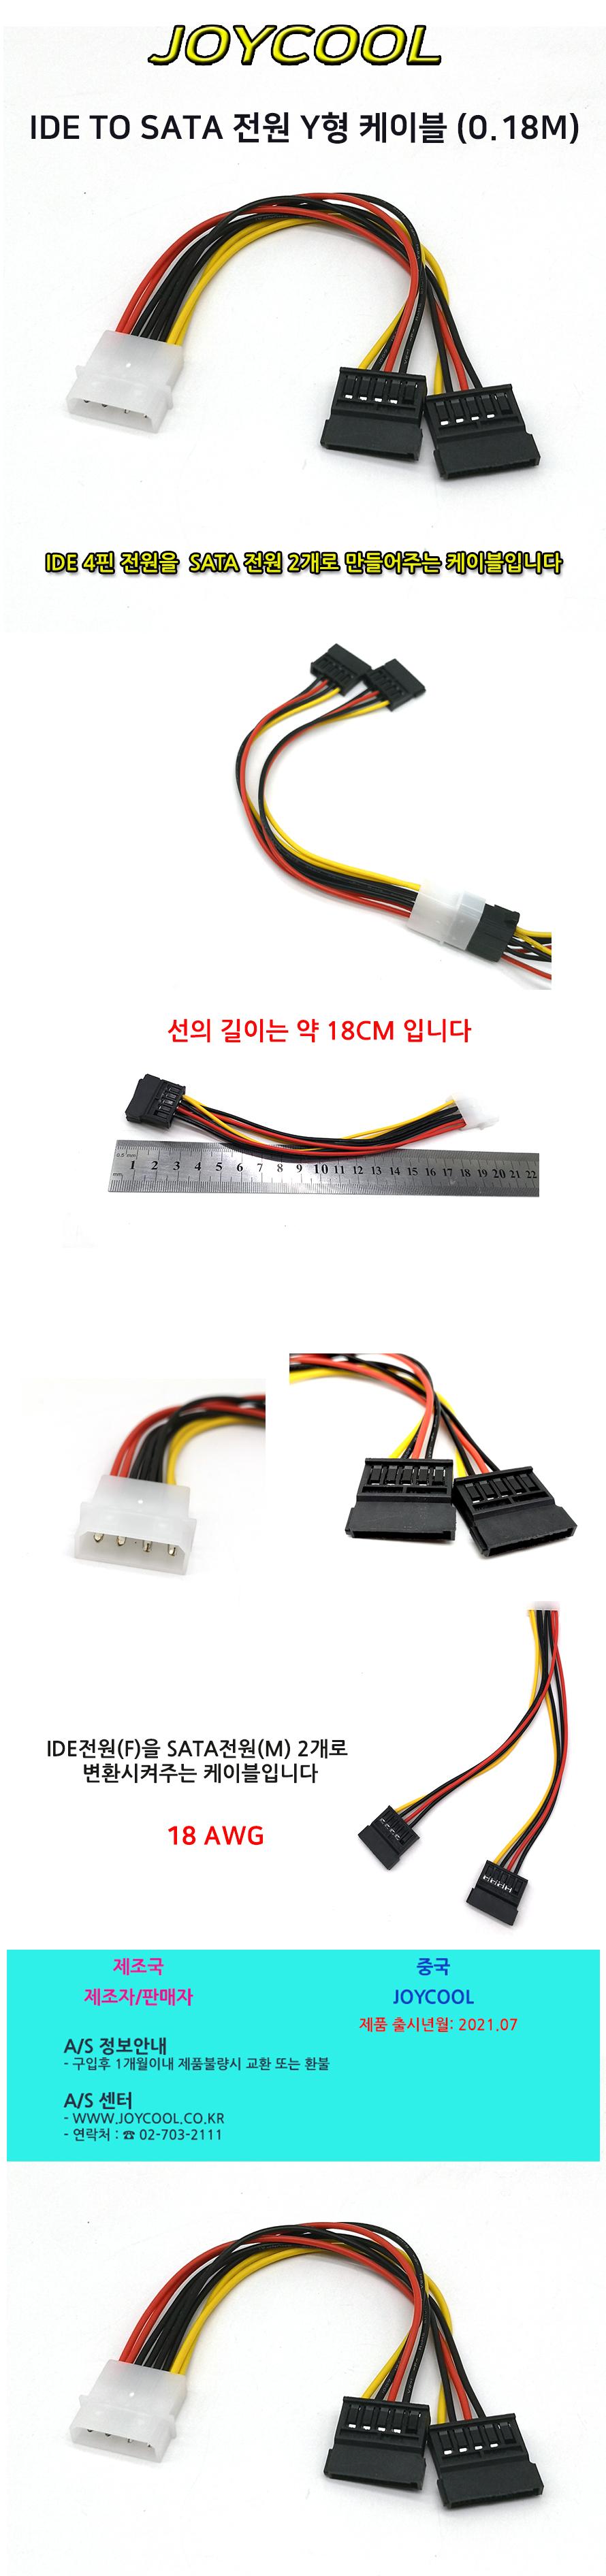 조이쿨 IDE to SATA 전원 Y형 케이블 (0.18m)